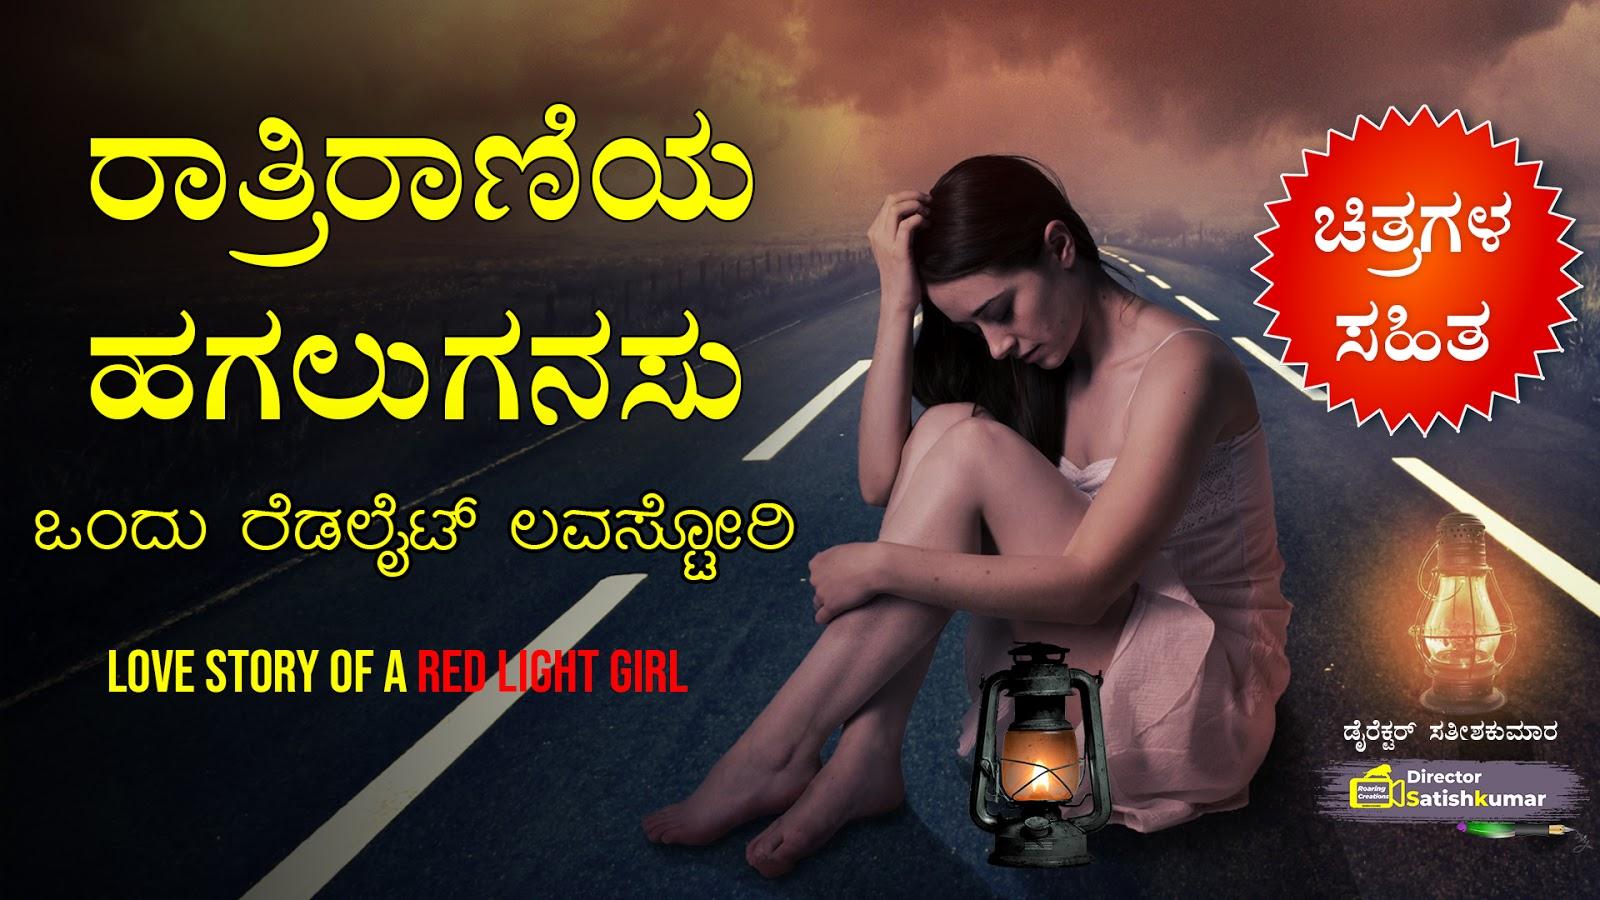 ರಾತ್ರಿರಾಣಿಯ ಹಗಲುಗನಸು -  ಒಂದು ರೆಡಲೈಟ್ ಲವಸ್ಟೋರಿ - Love Story of a Red Light Girl in Kannada